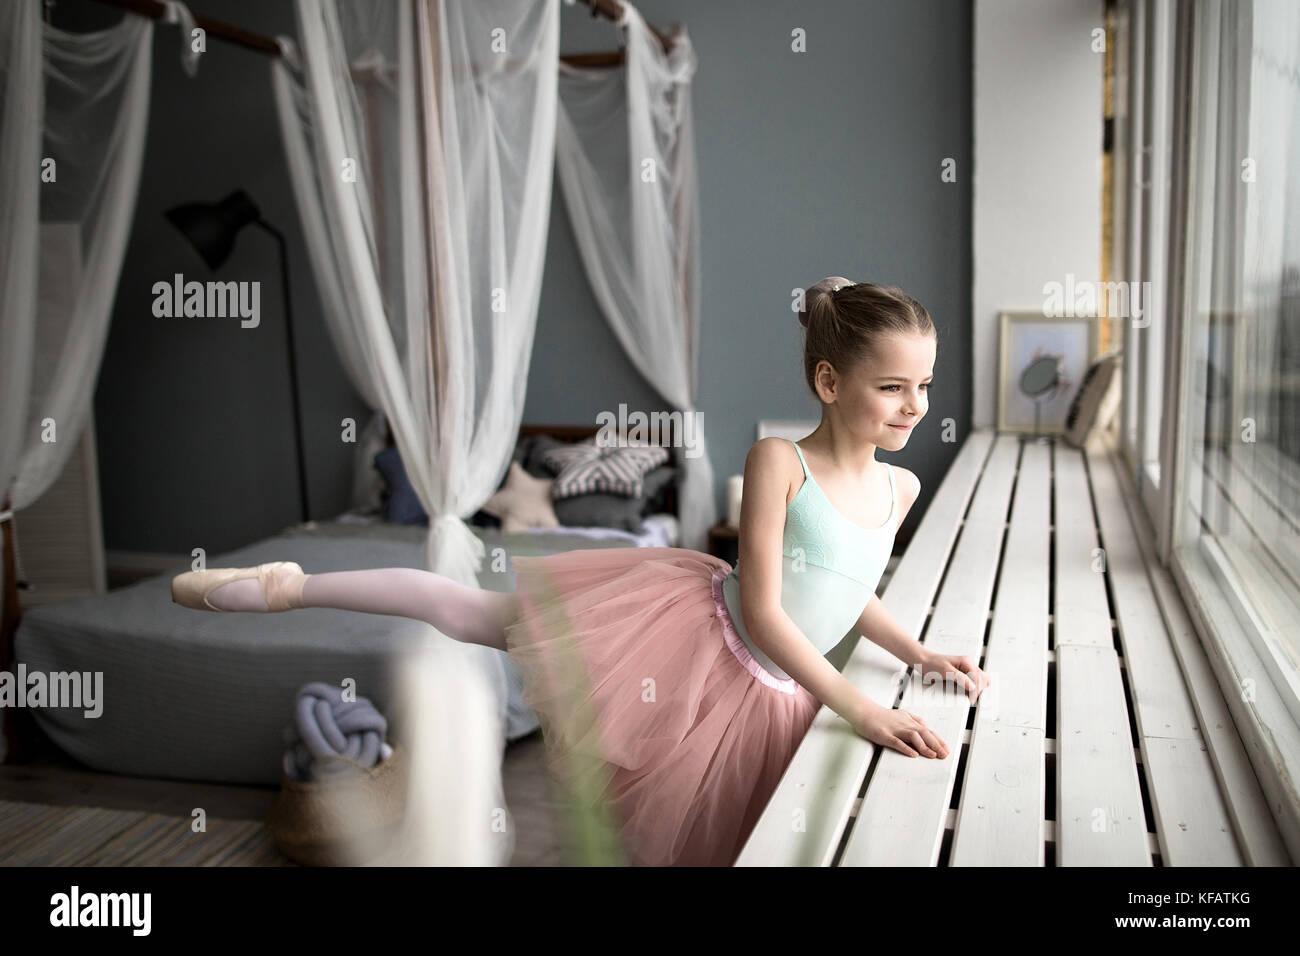 Süße kleine Ballerina in rosa Ballett Kostüm und Spitzenschuhe tanzt im Zimmer. Kind Mädchen Stockbild